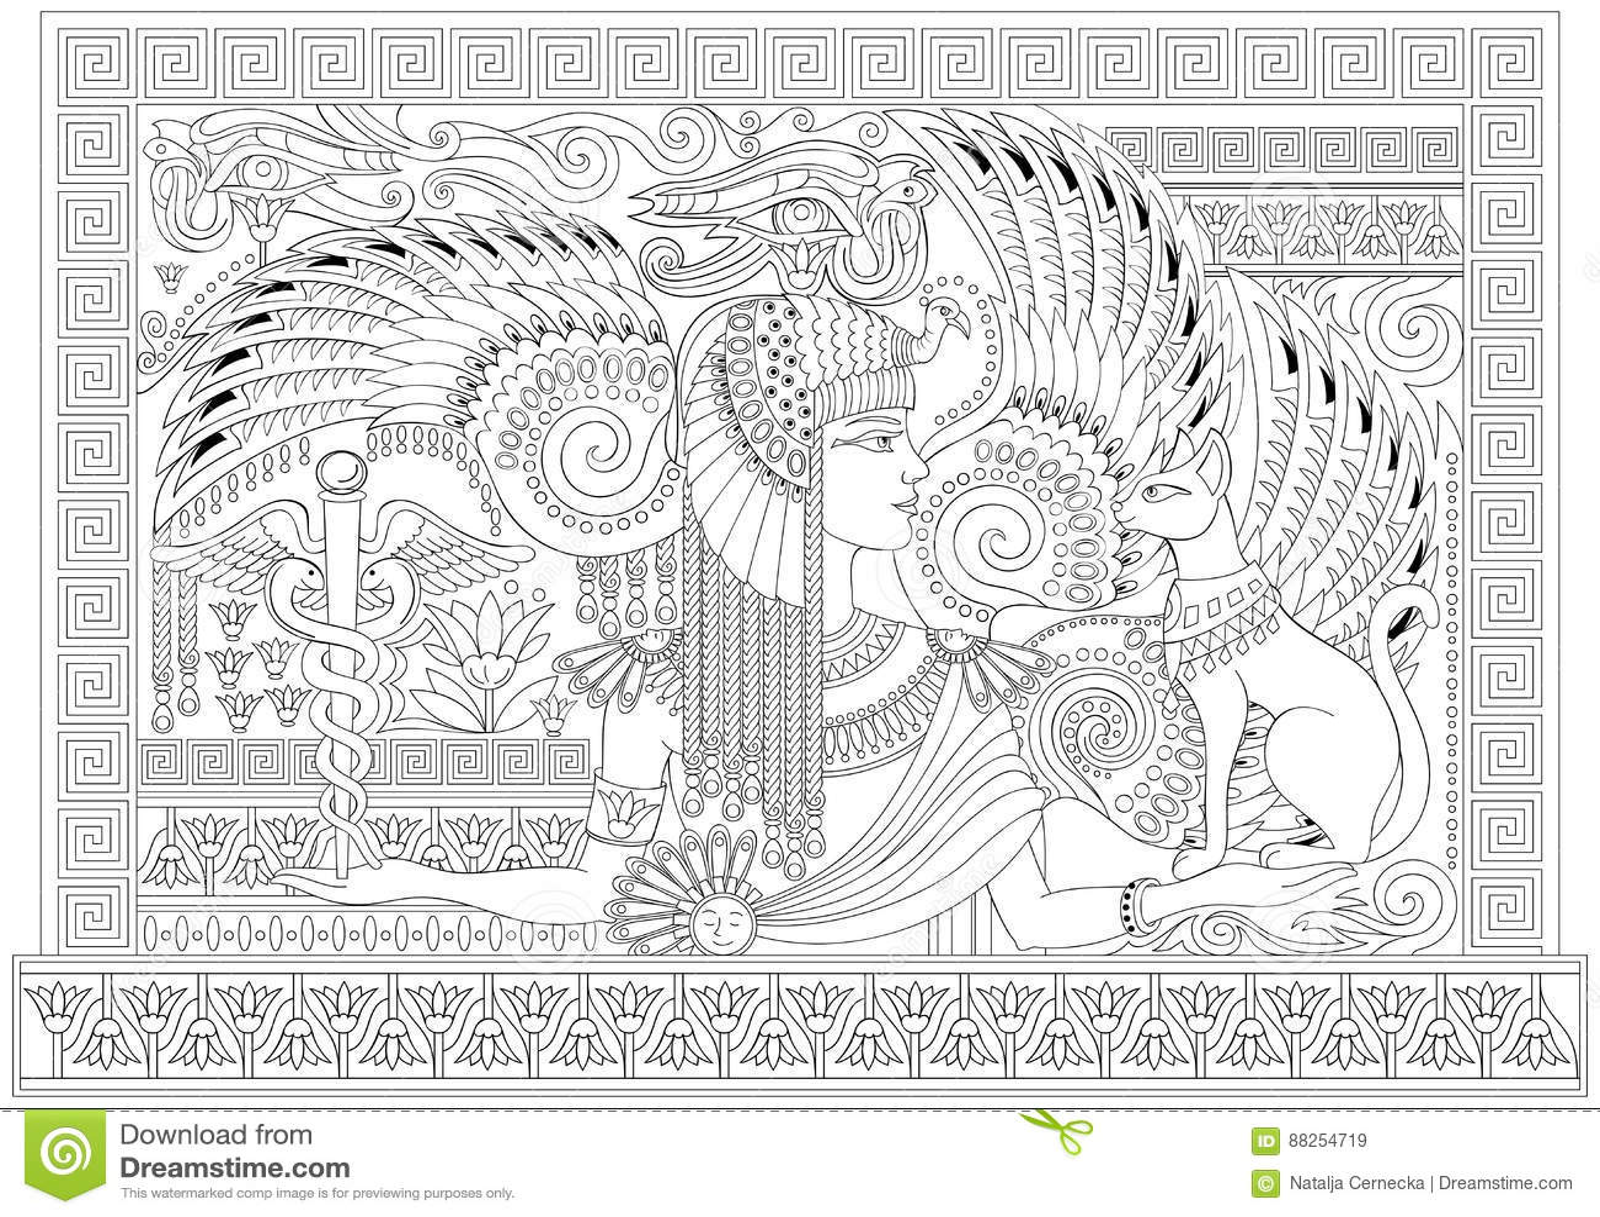 Página Blanco Y Negro Para Colorear Con La Reina Egipcia Entre Los ...